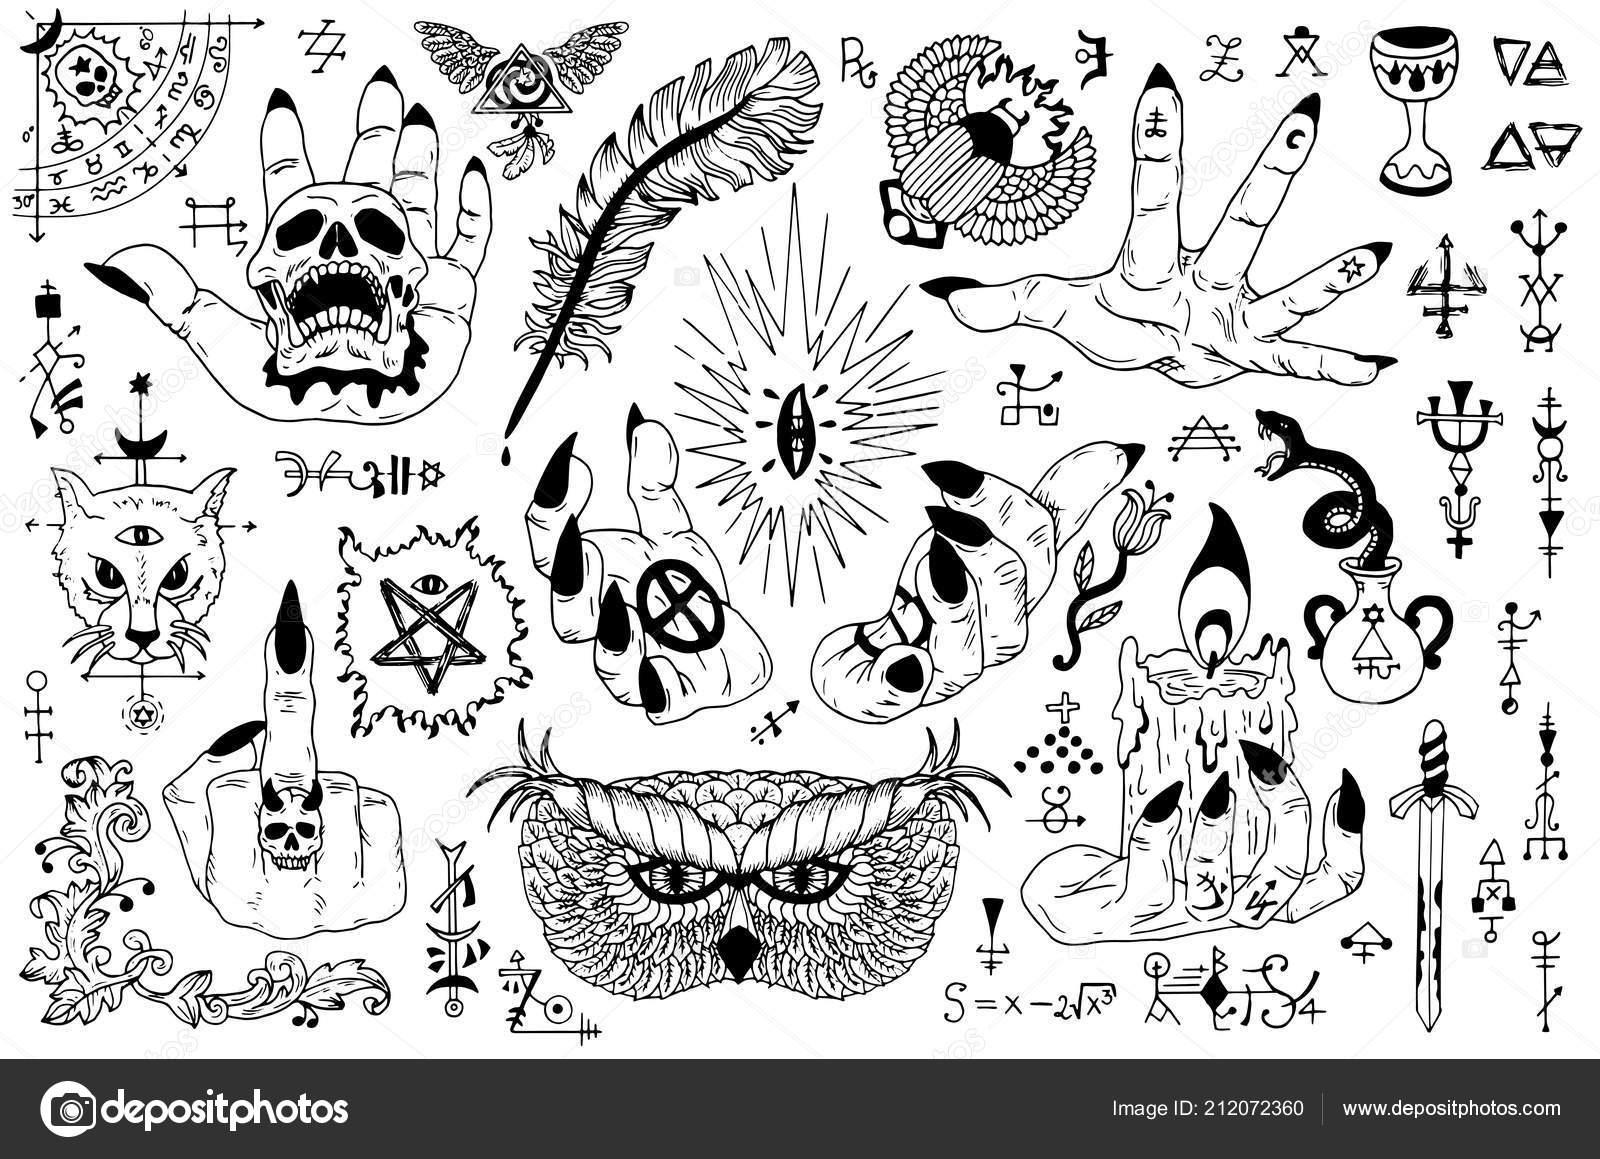 Dövme Tasarım Gotik Simgeler Mistik Semboller Ile üzerine Beyaz